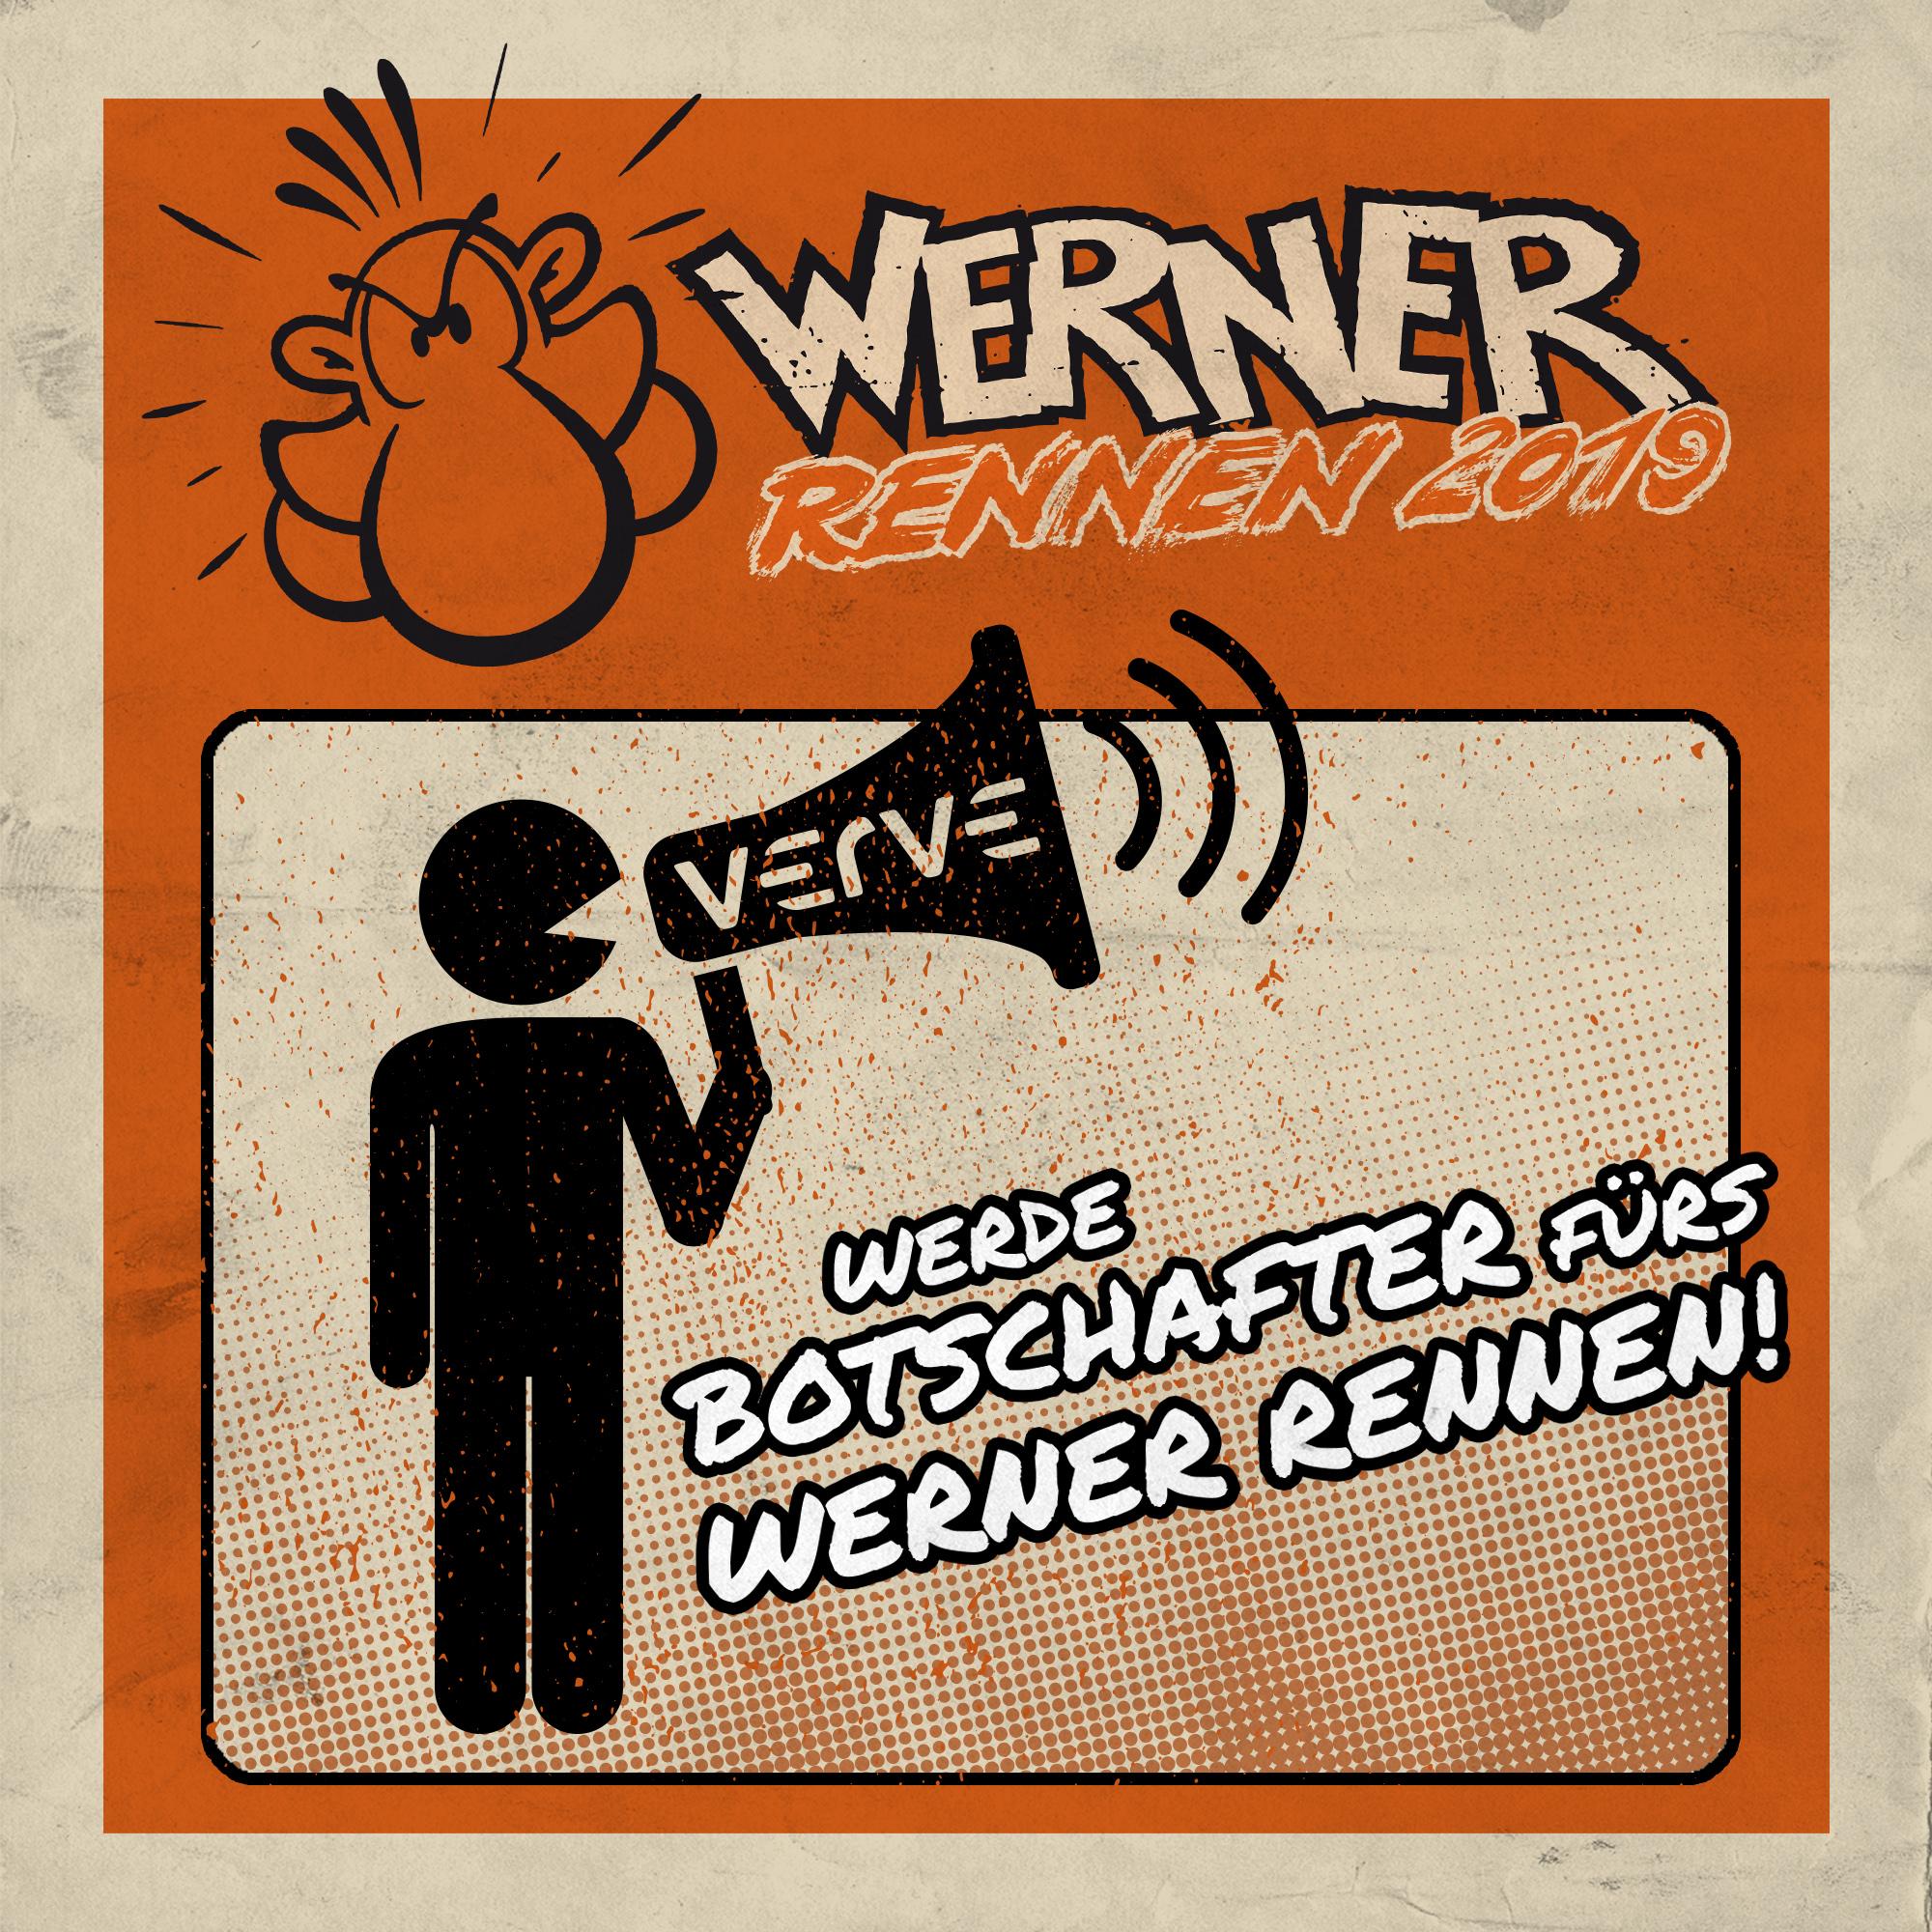 Werde Botschafter fürs Werner Rennen!